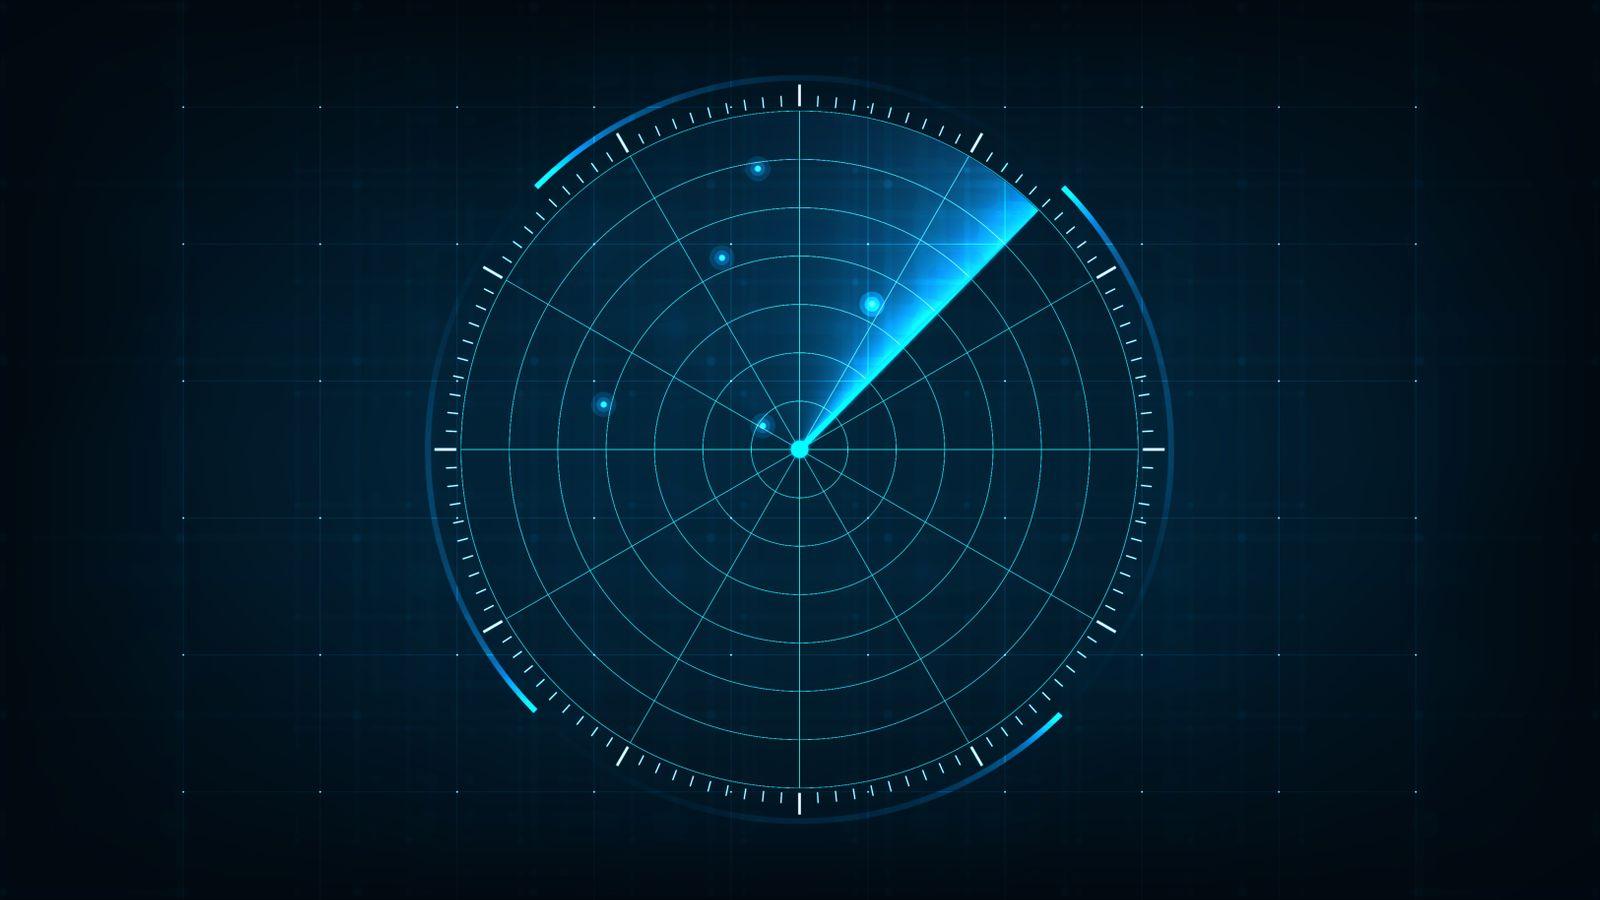 Digital Composite Image Of Radar Against Black Background